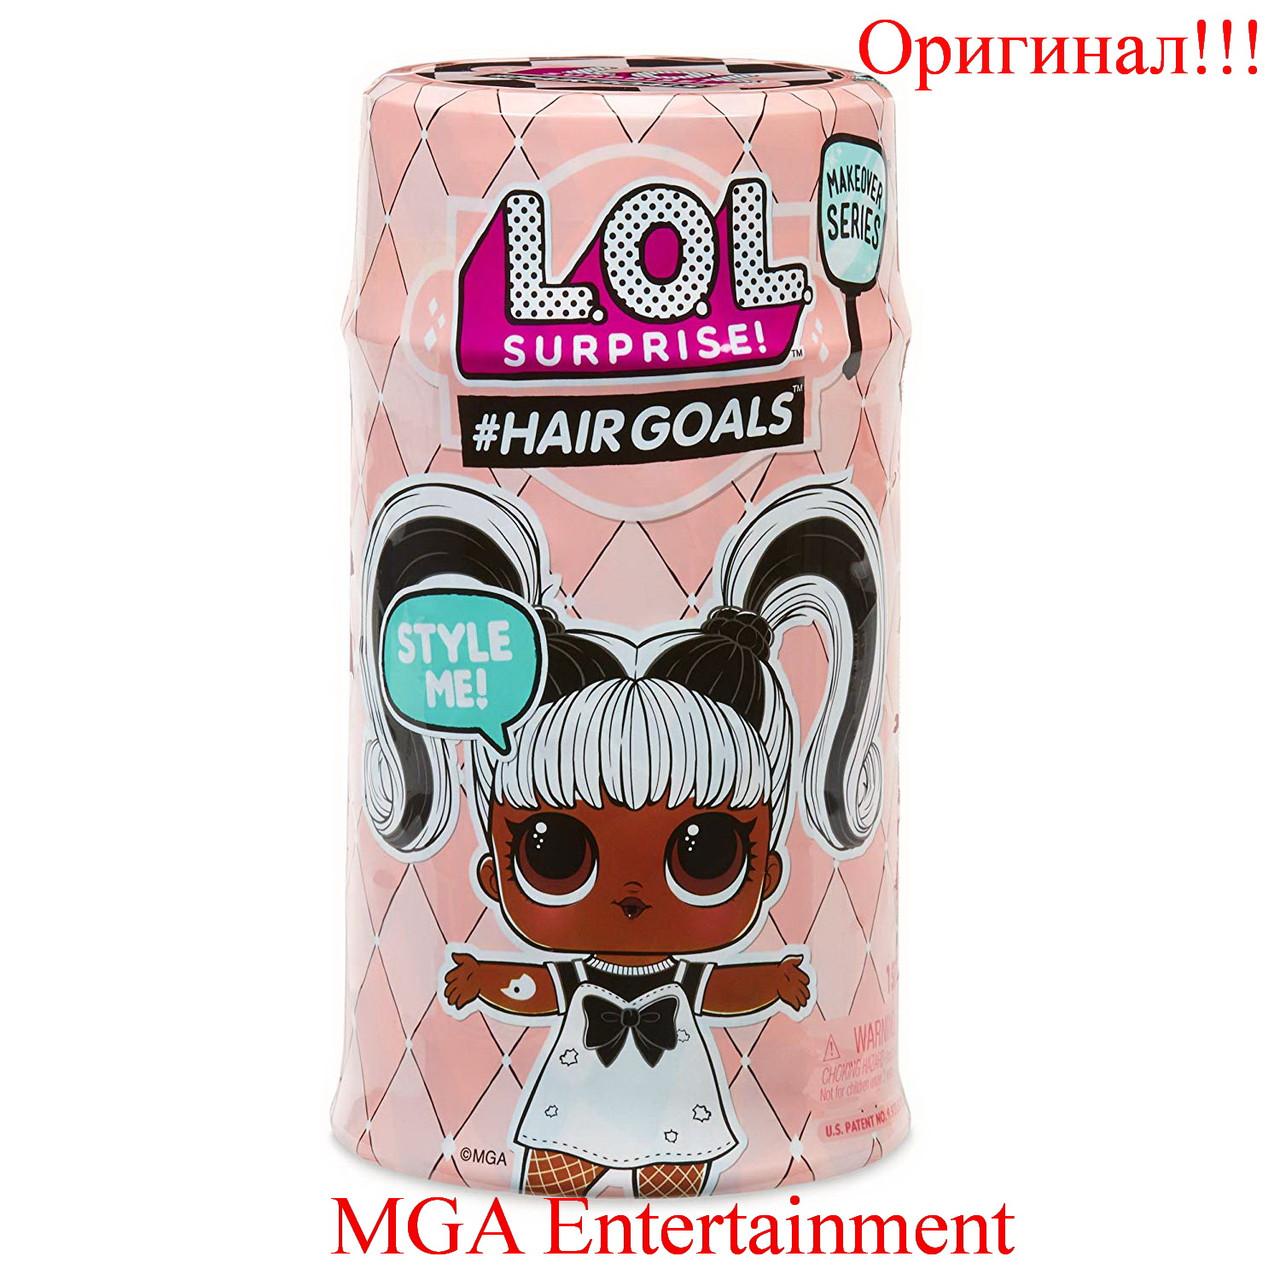 Кукла Лол LOL сюрприз с настоящими волосами 5 сезон  L.O.L. Surprise Hairgoals 15 Surprises